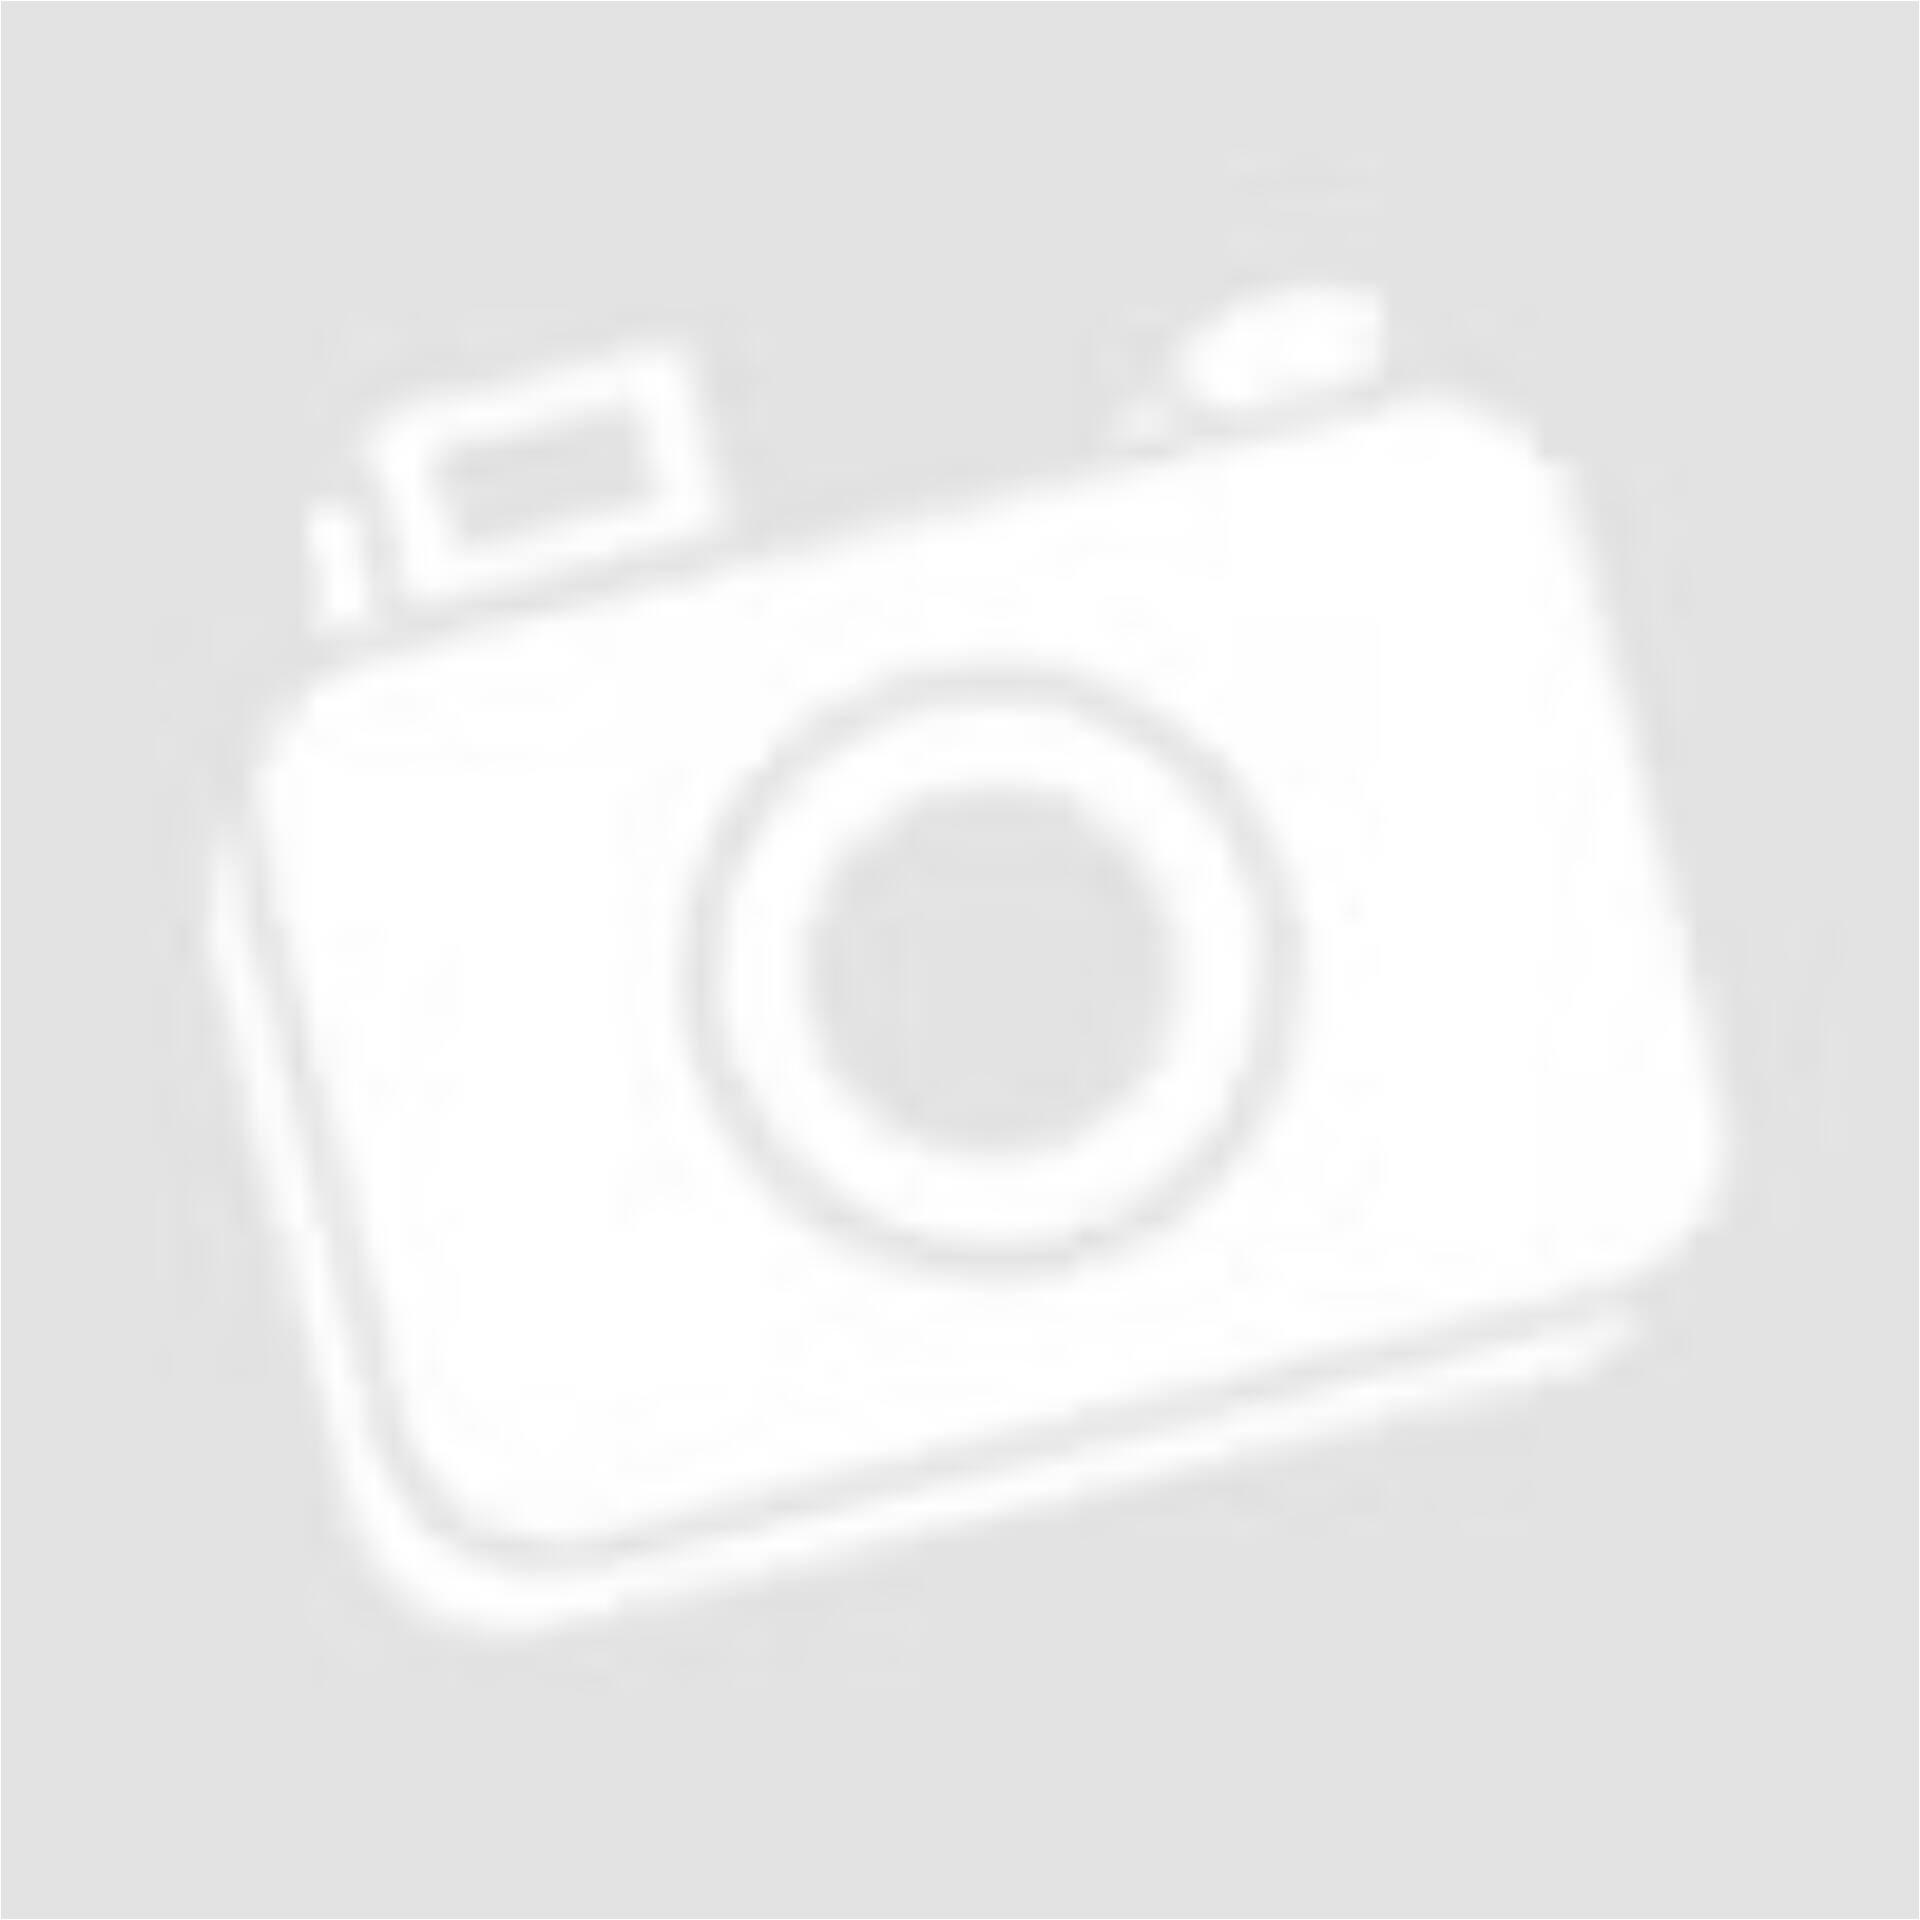 Kép 1 3 - F F fekete színű nadrág (Méret  M) daf95f6dfb